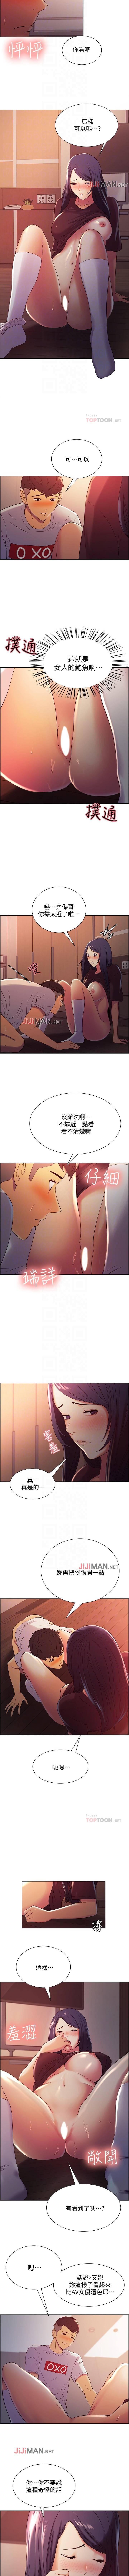 【周二连载】室友招募中(作者:Serious) 第1~15话 21